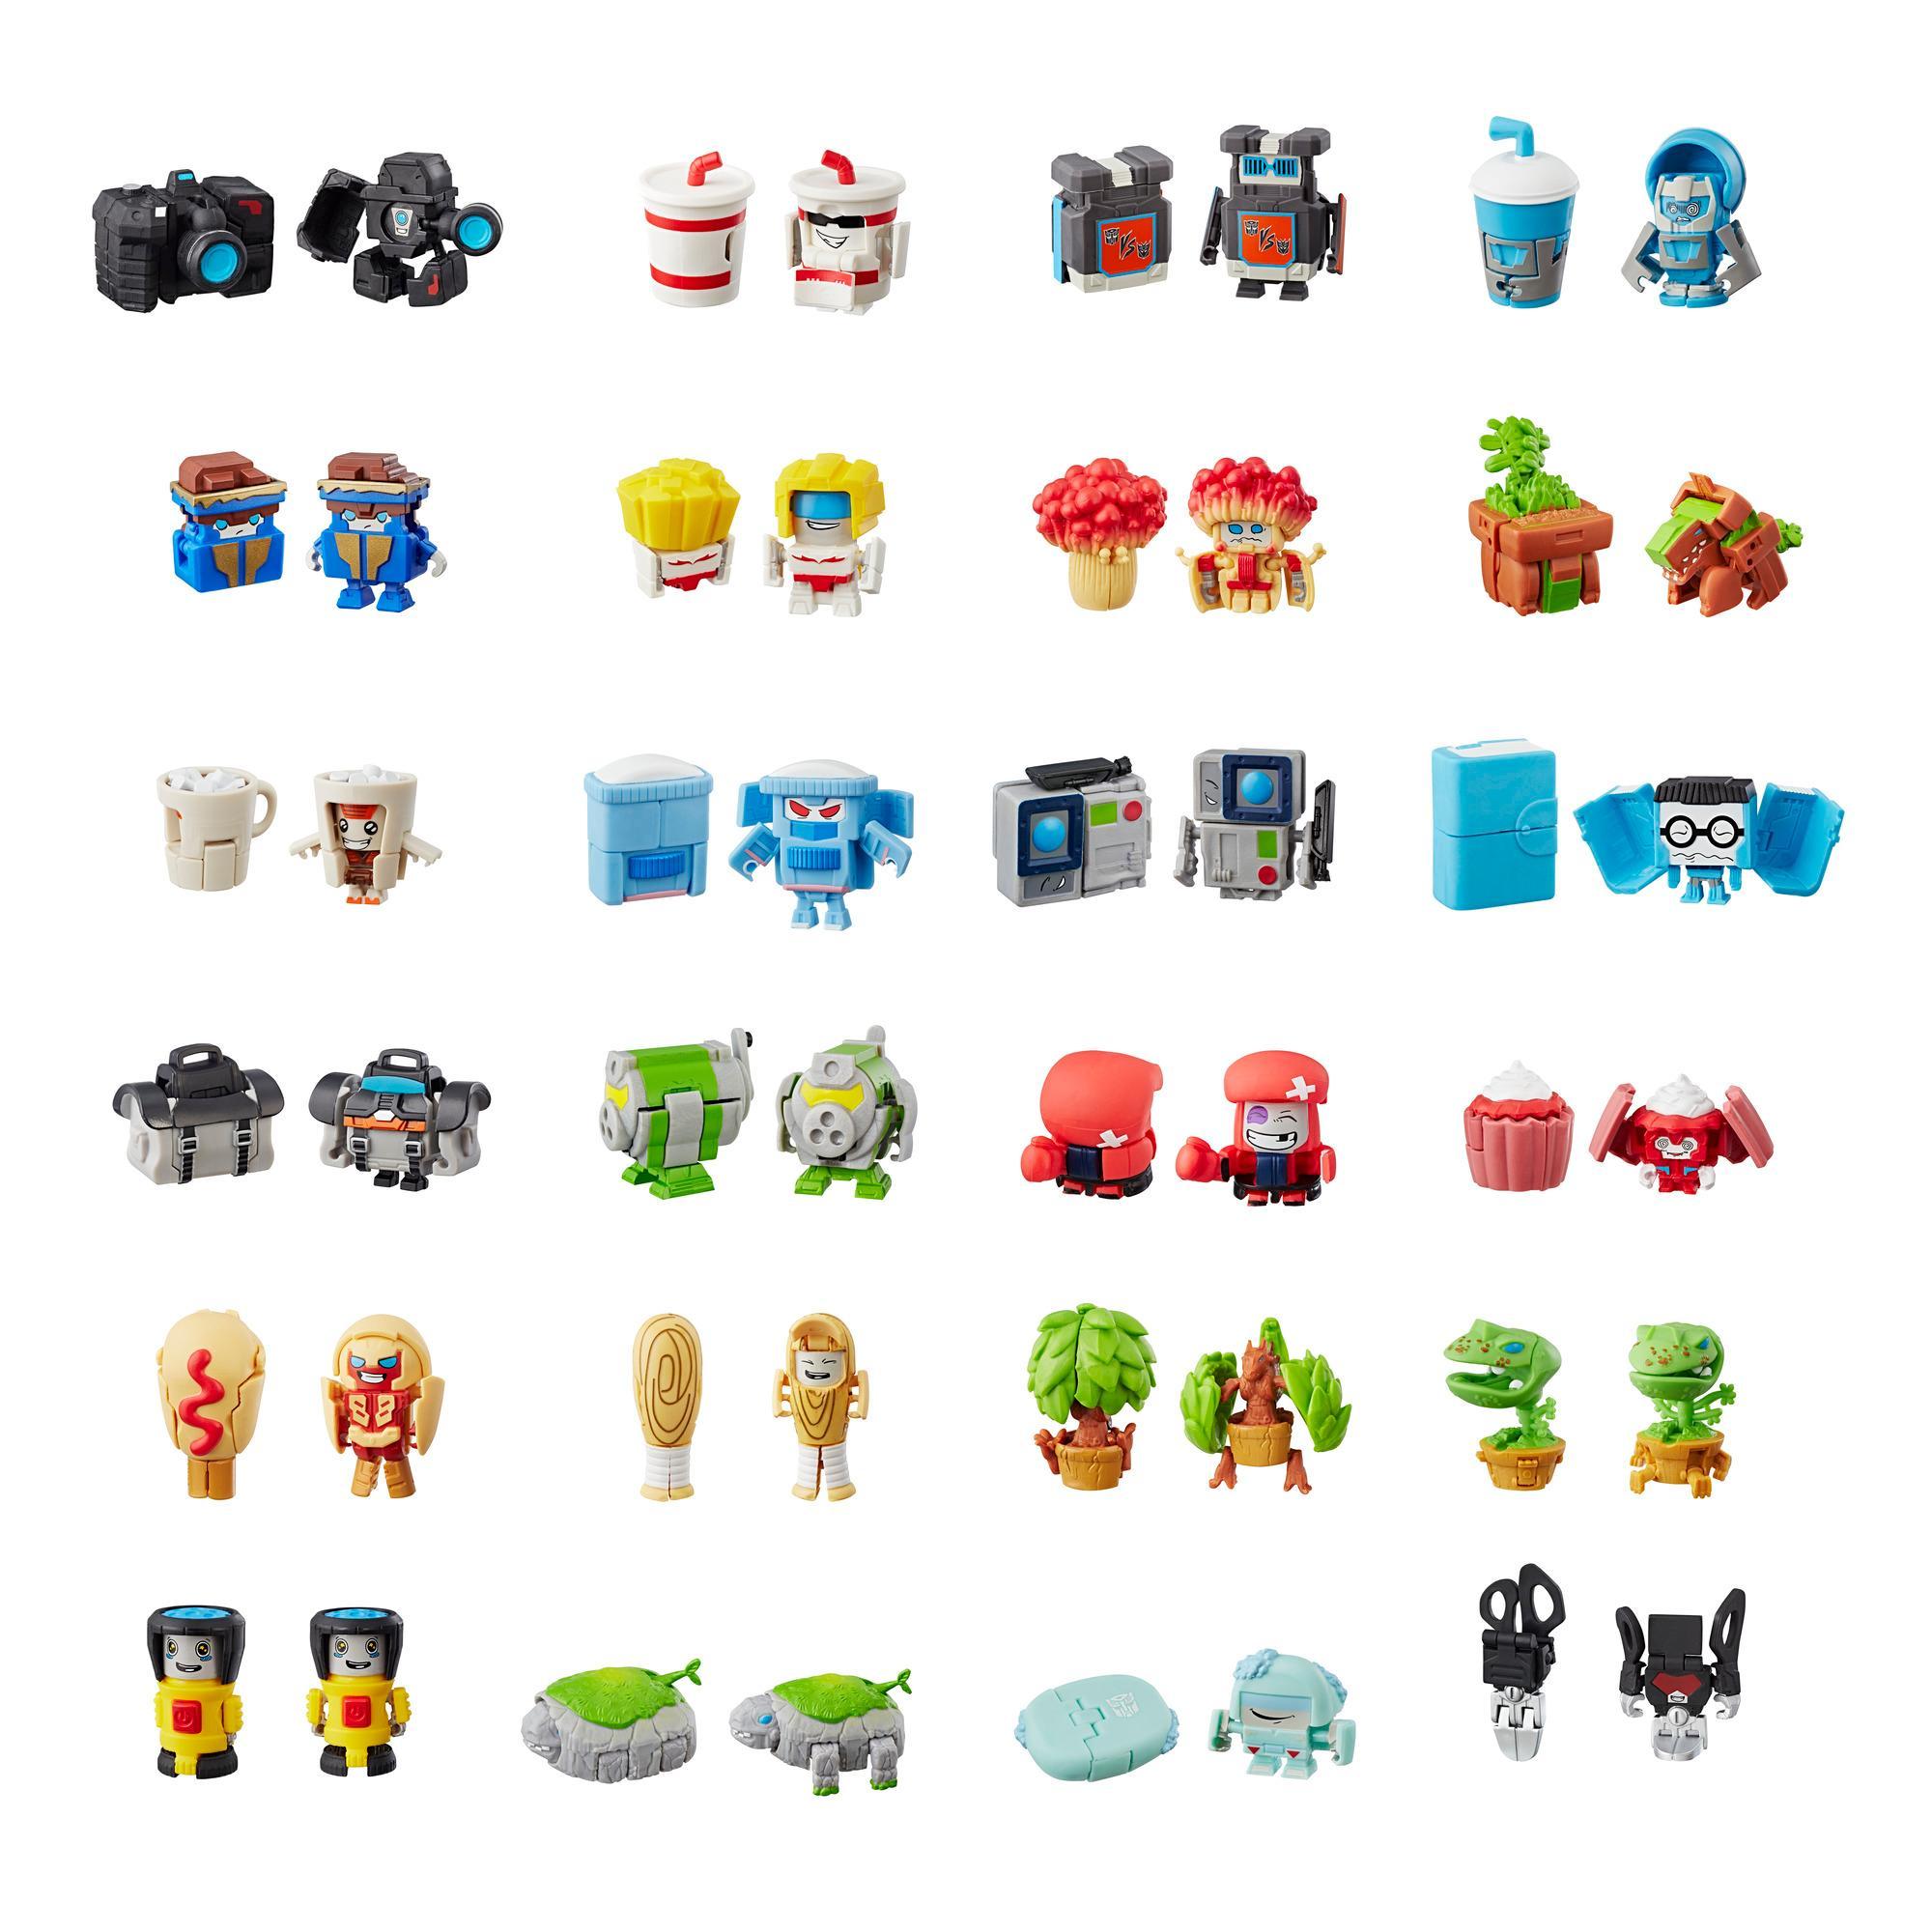 Transformers BotBots - Personaggi misteriosi 2-in-1, serie 2 (blind bag, modelli e colori possono variare)